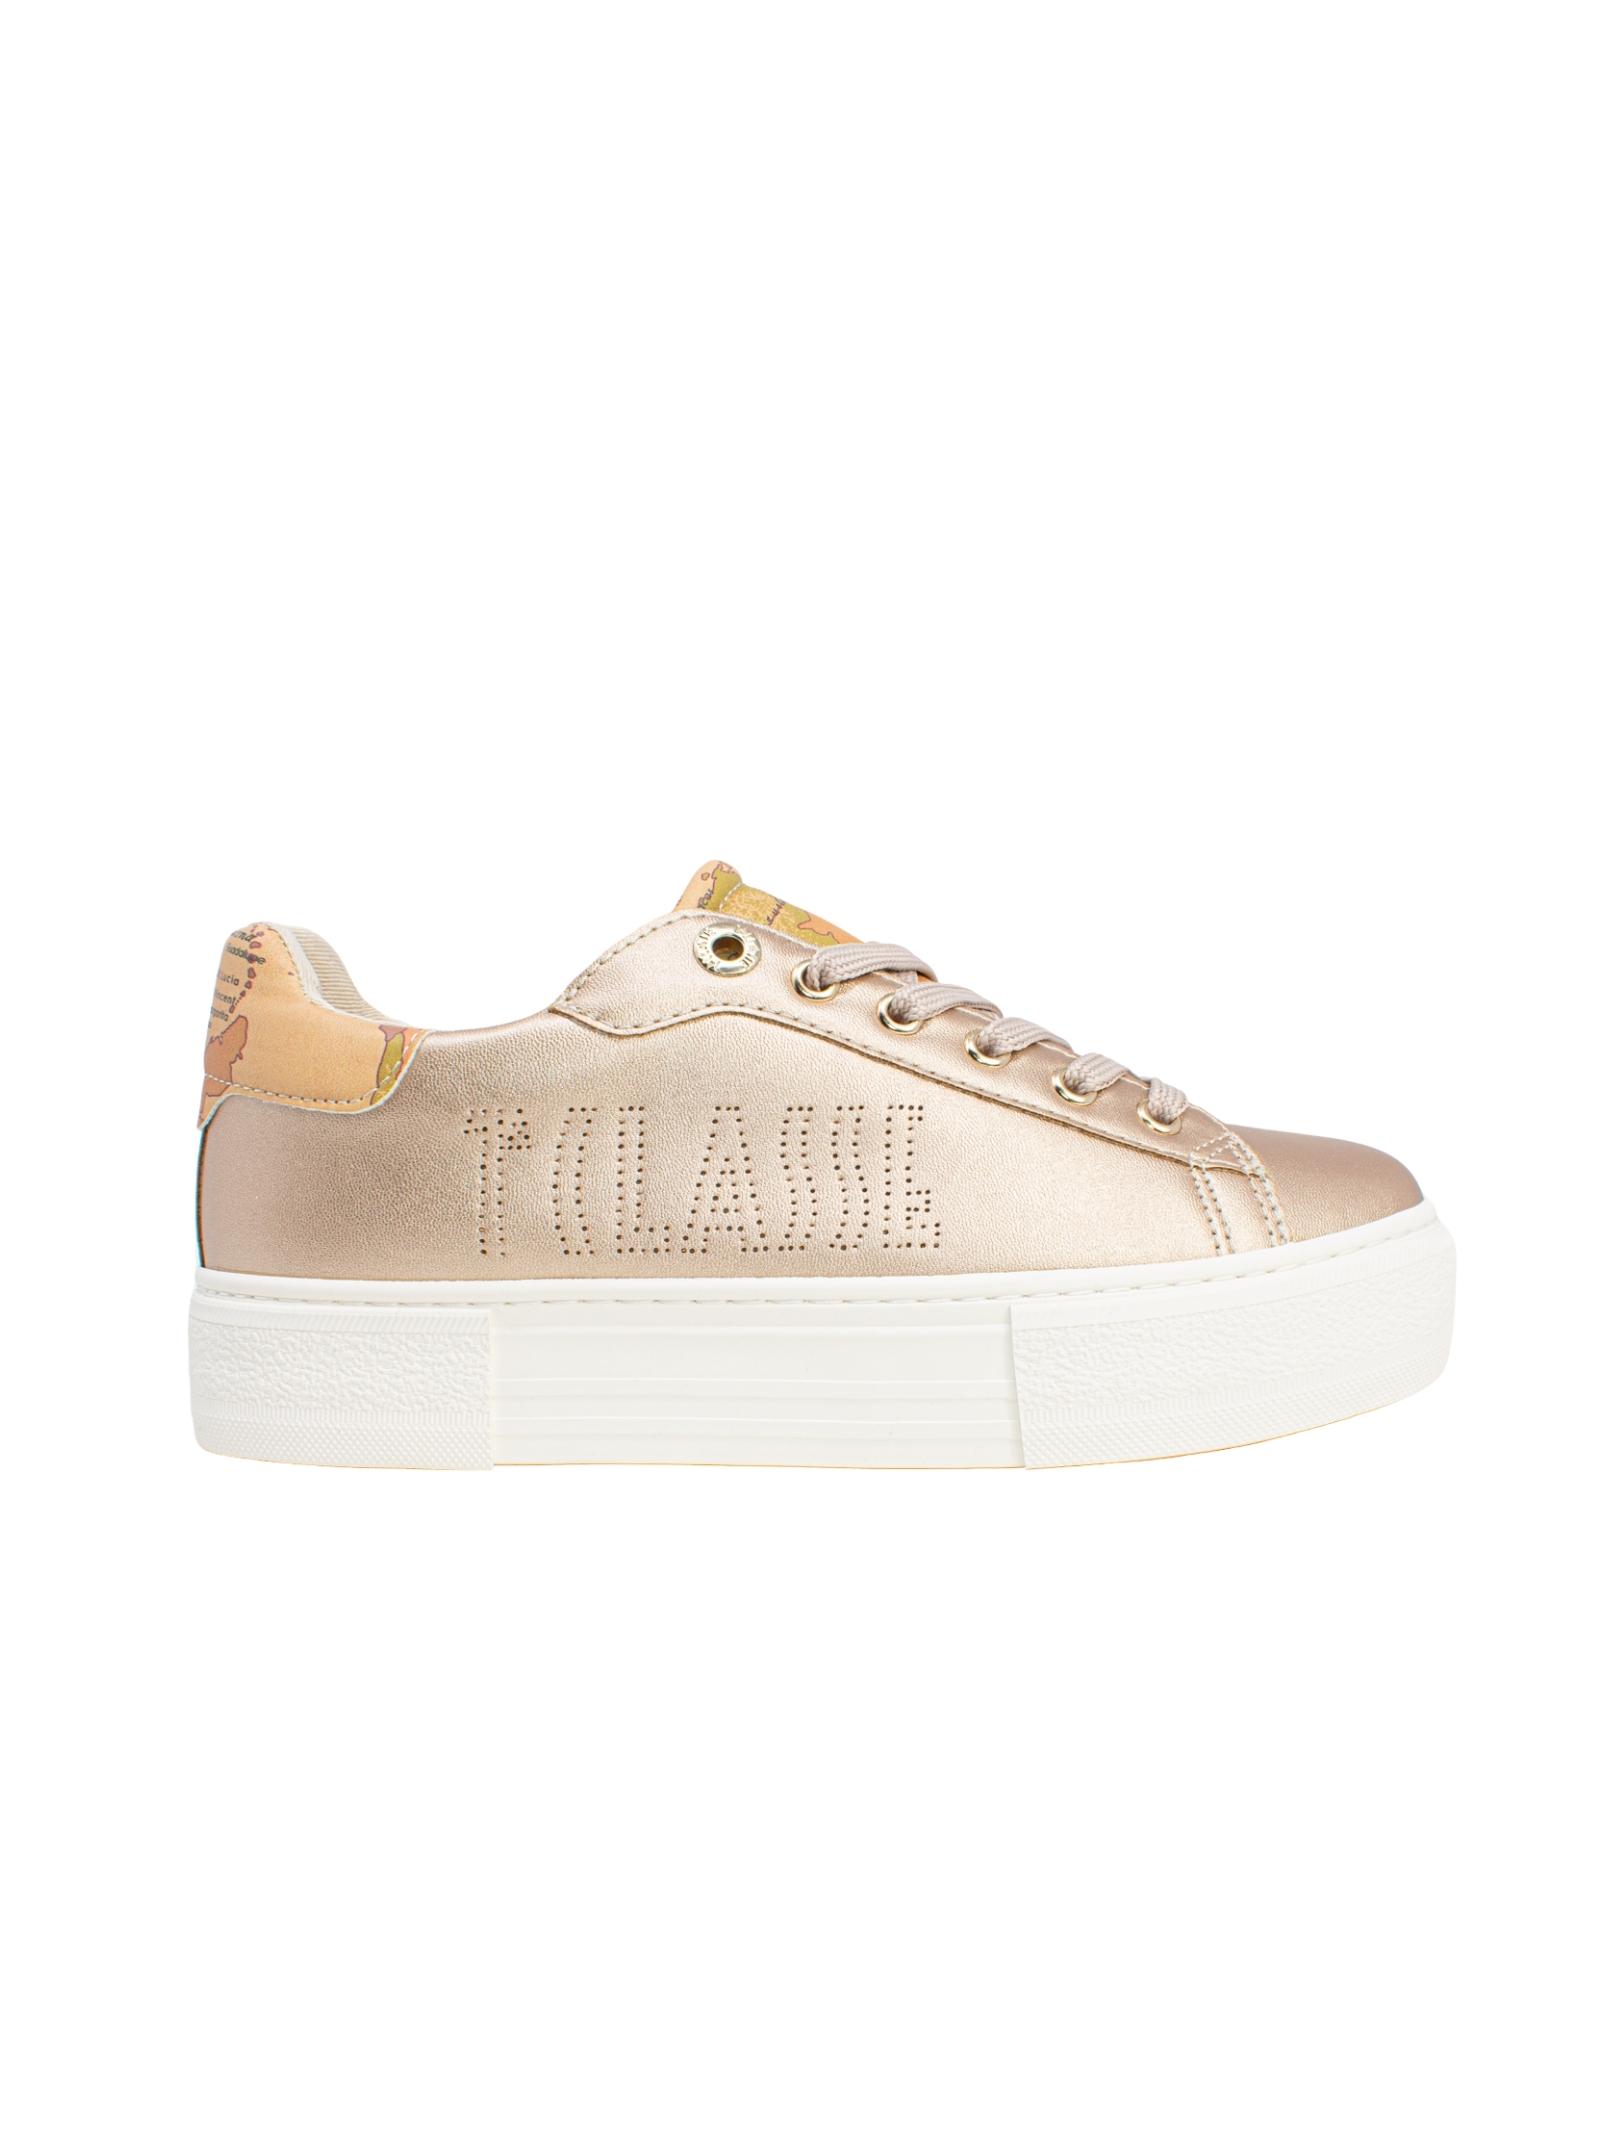 ALVIERO MARTINI 1° CLASSE JUNIOR | Sneakers | 0878X805